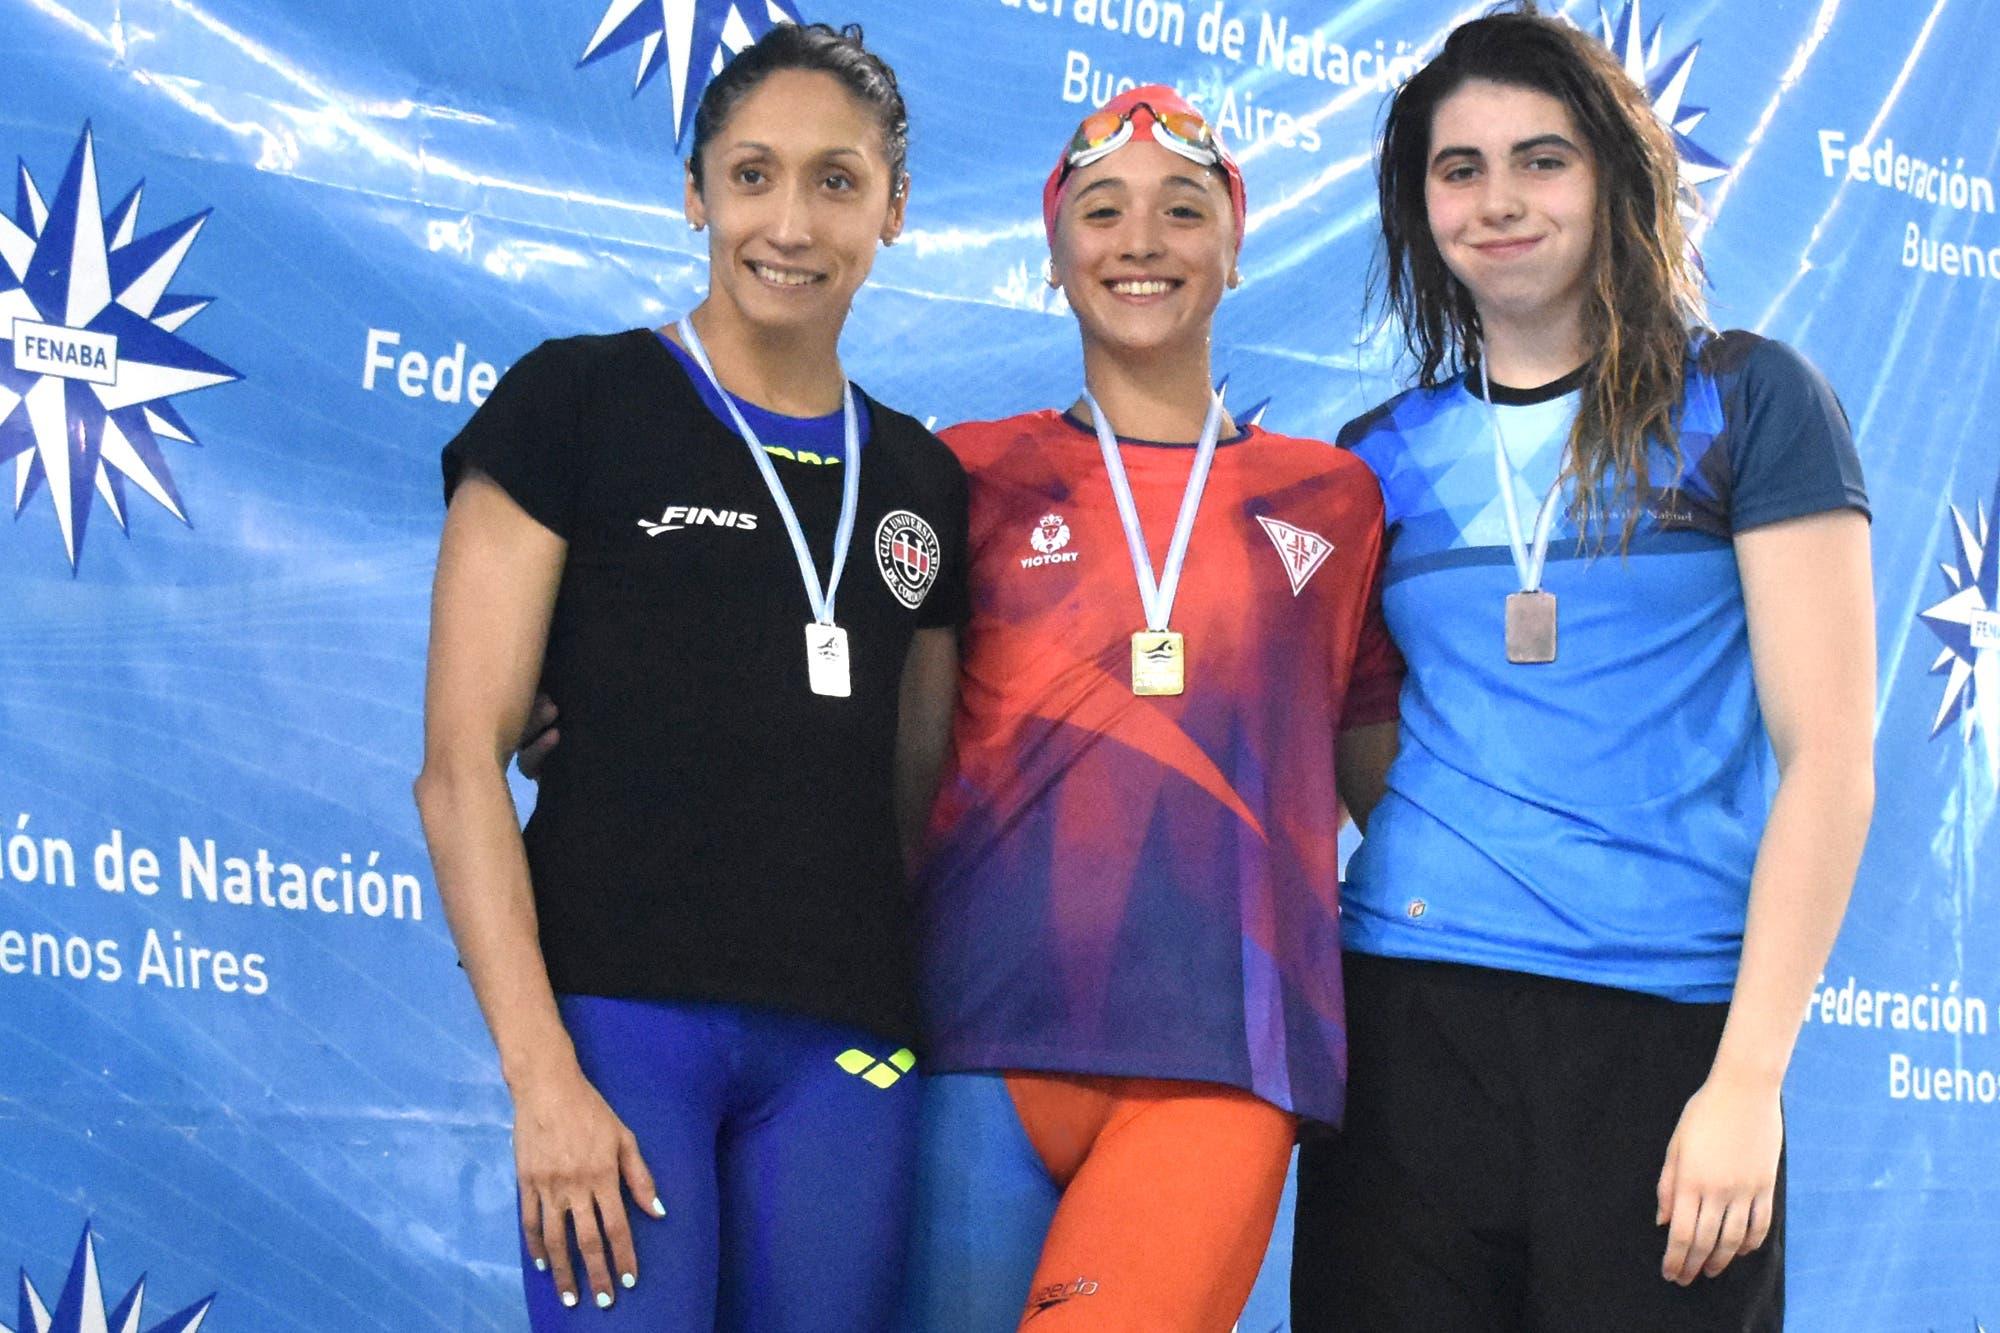 Campeonato Argentino de natación. El torneo que busca potenciar nadadores con Delfina Pignatiello como favorita